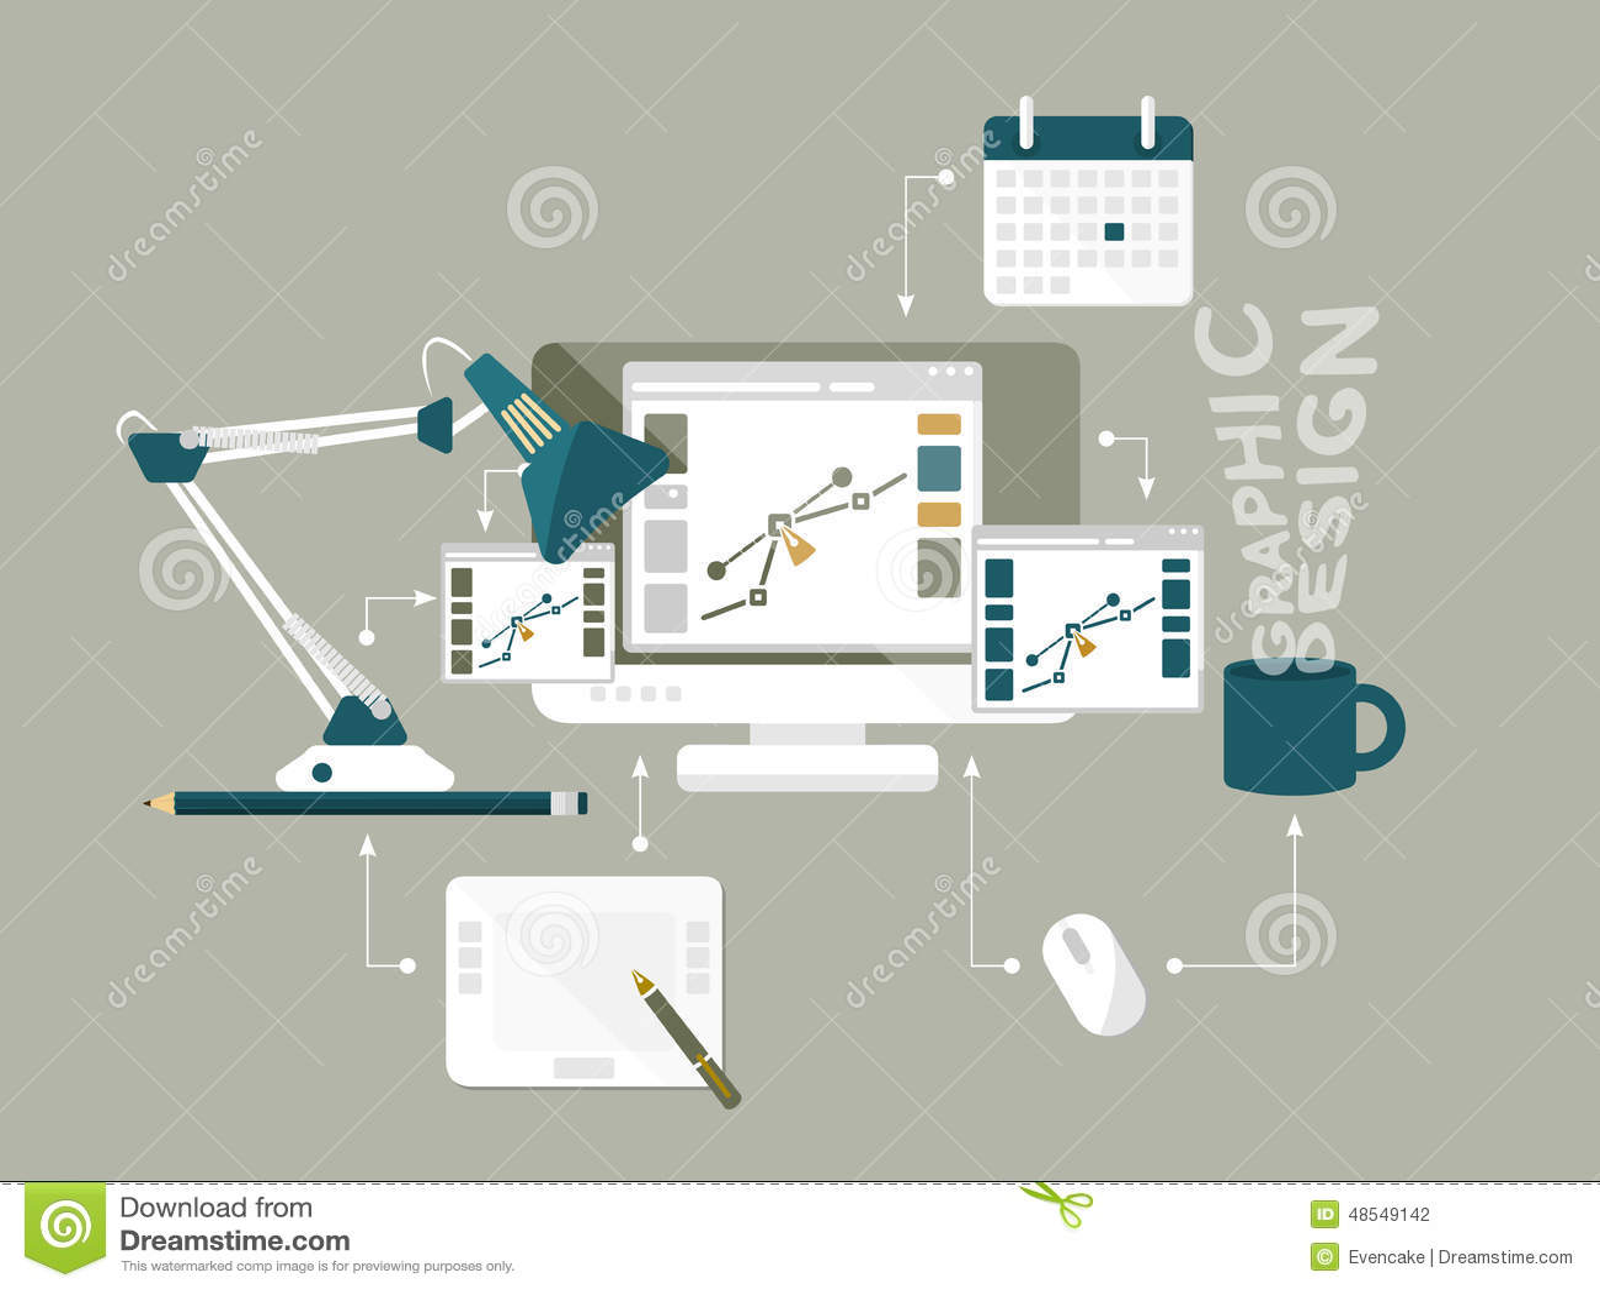 Plan illustration för vektor för grafisk design för symboler